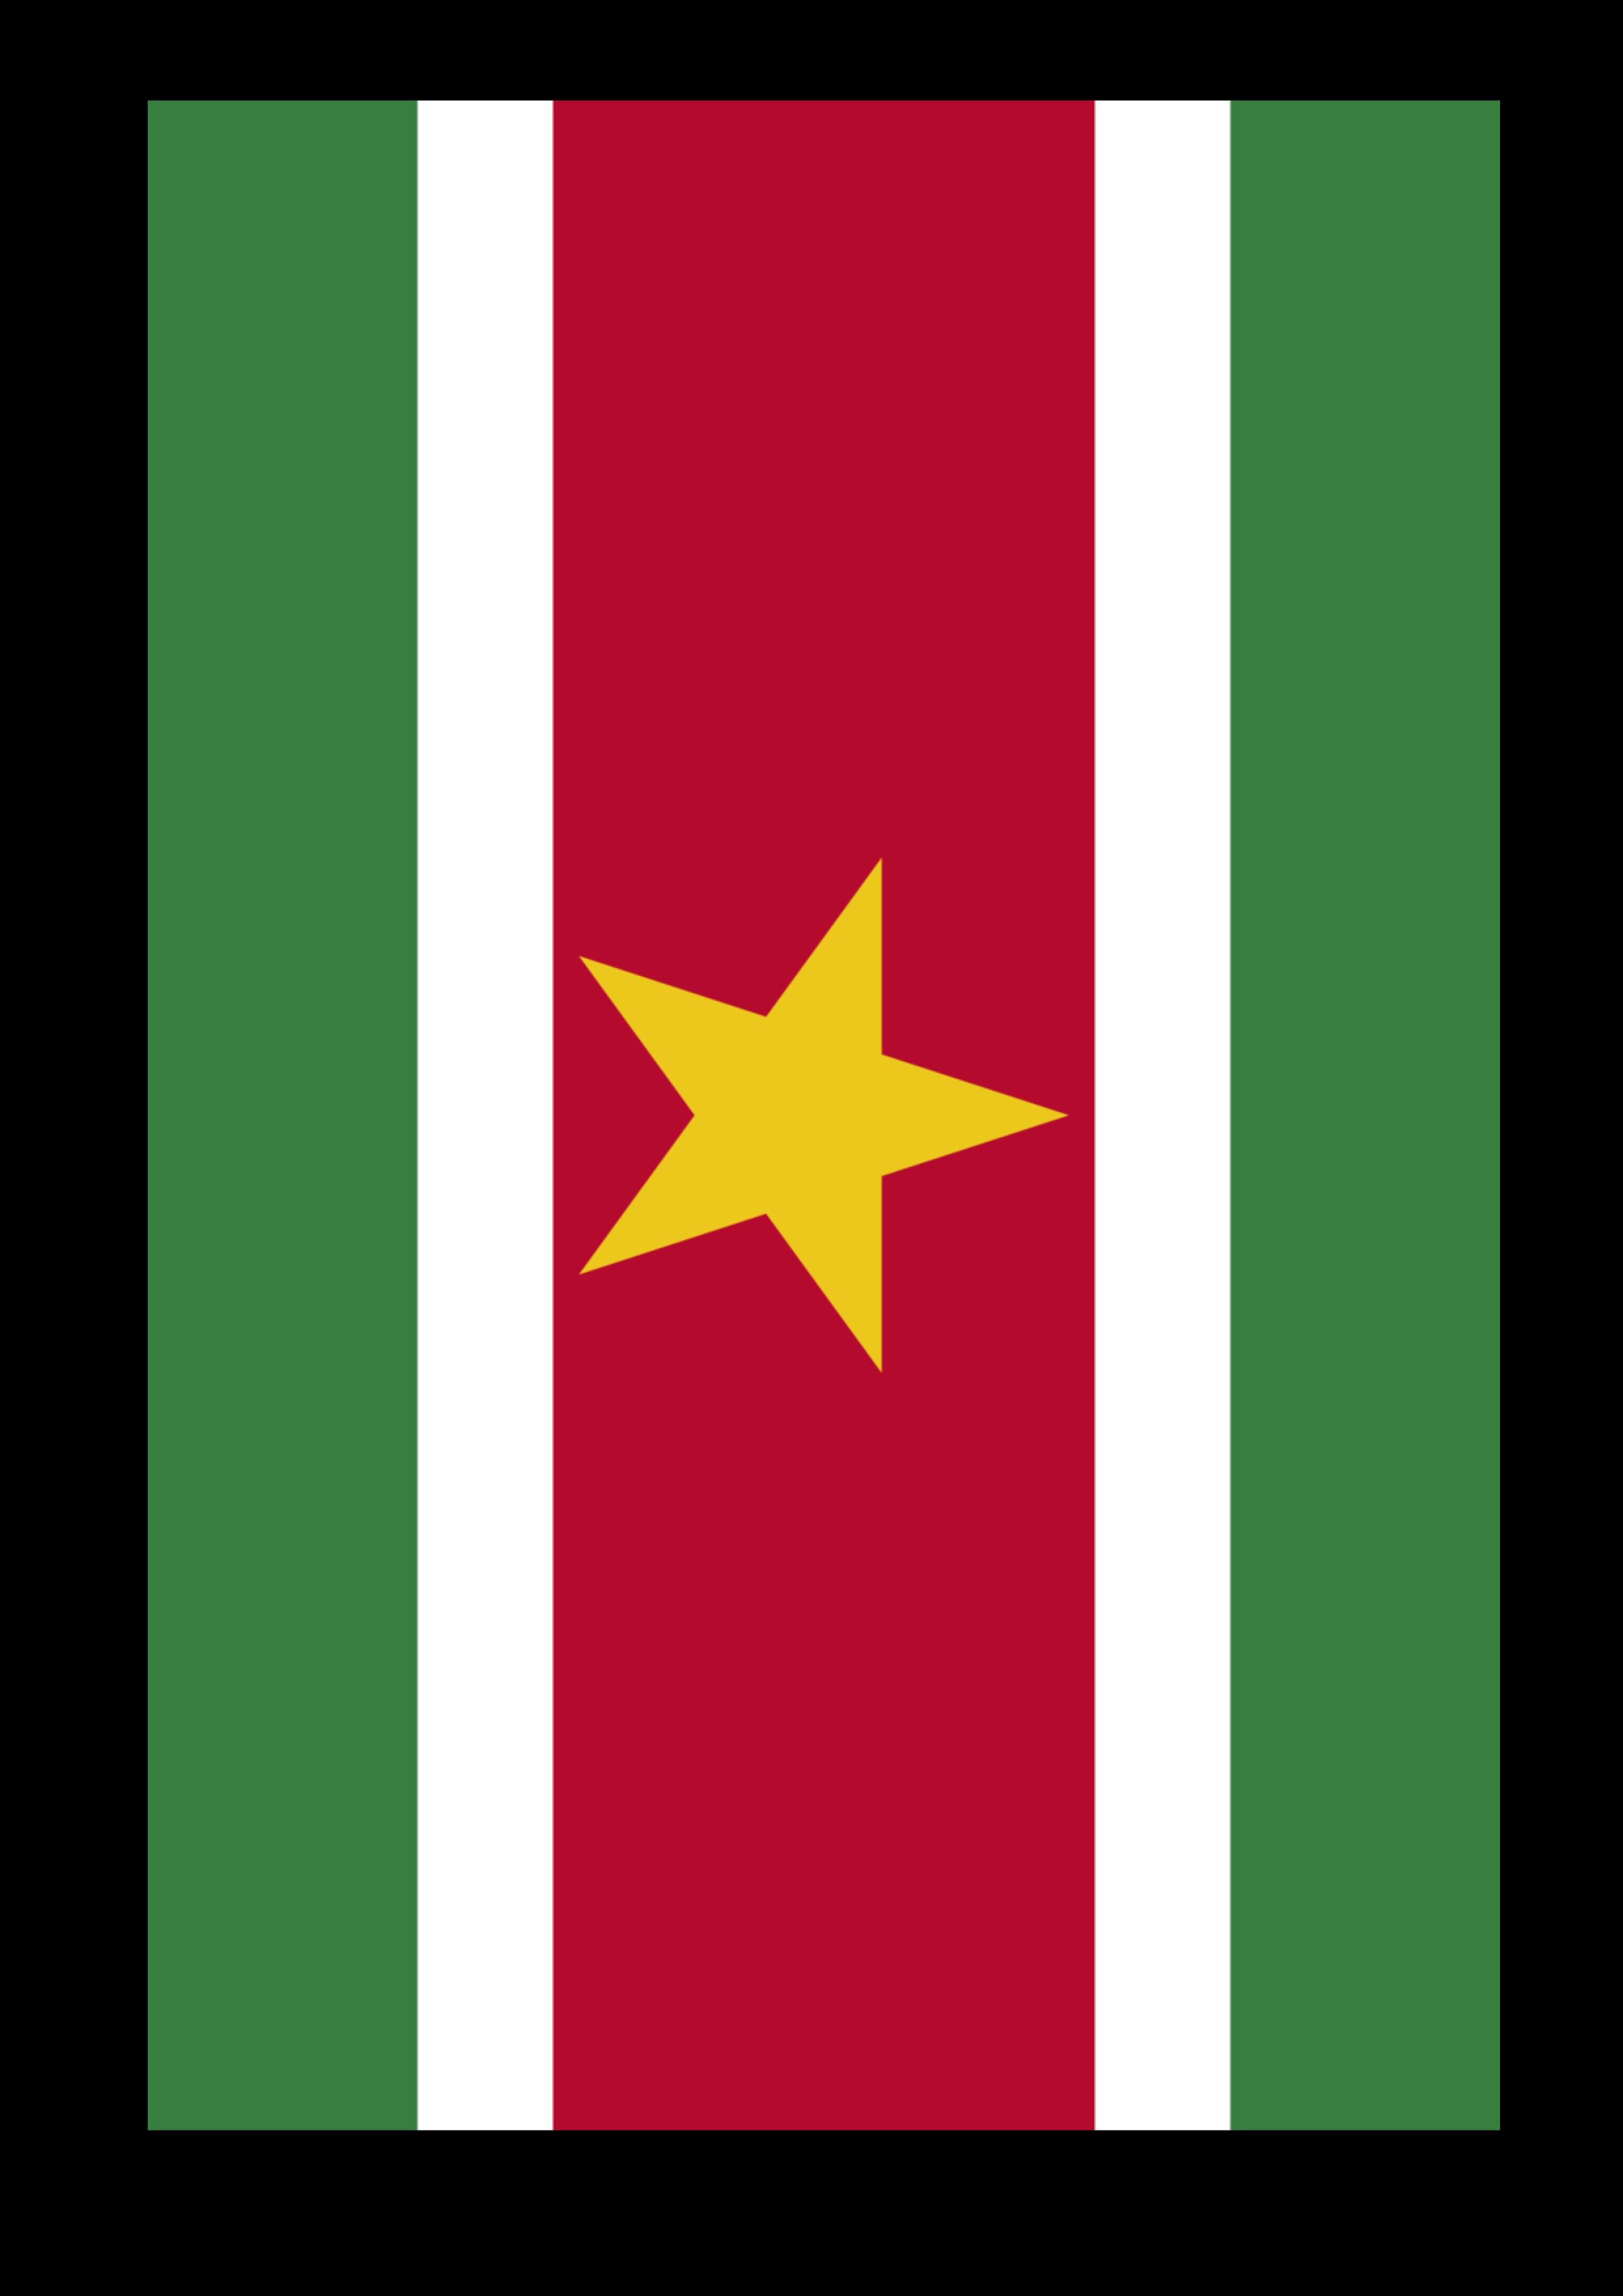 suriname printable flag